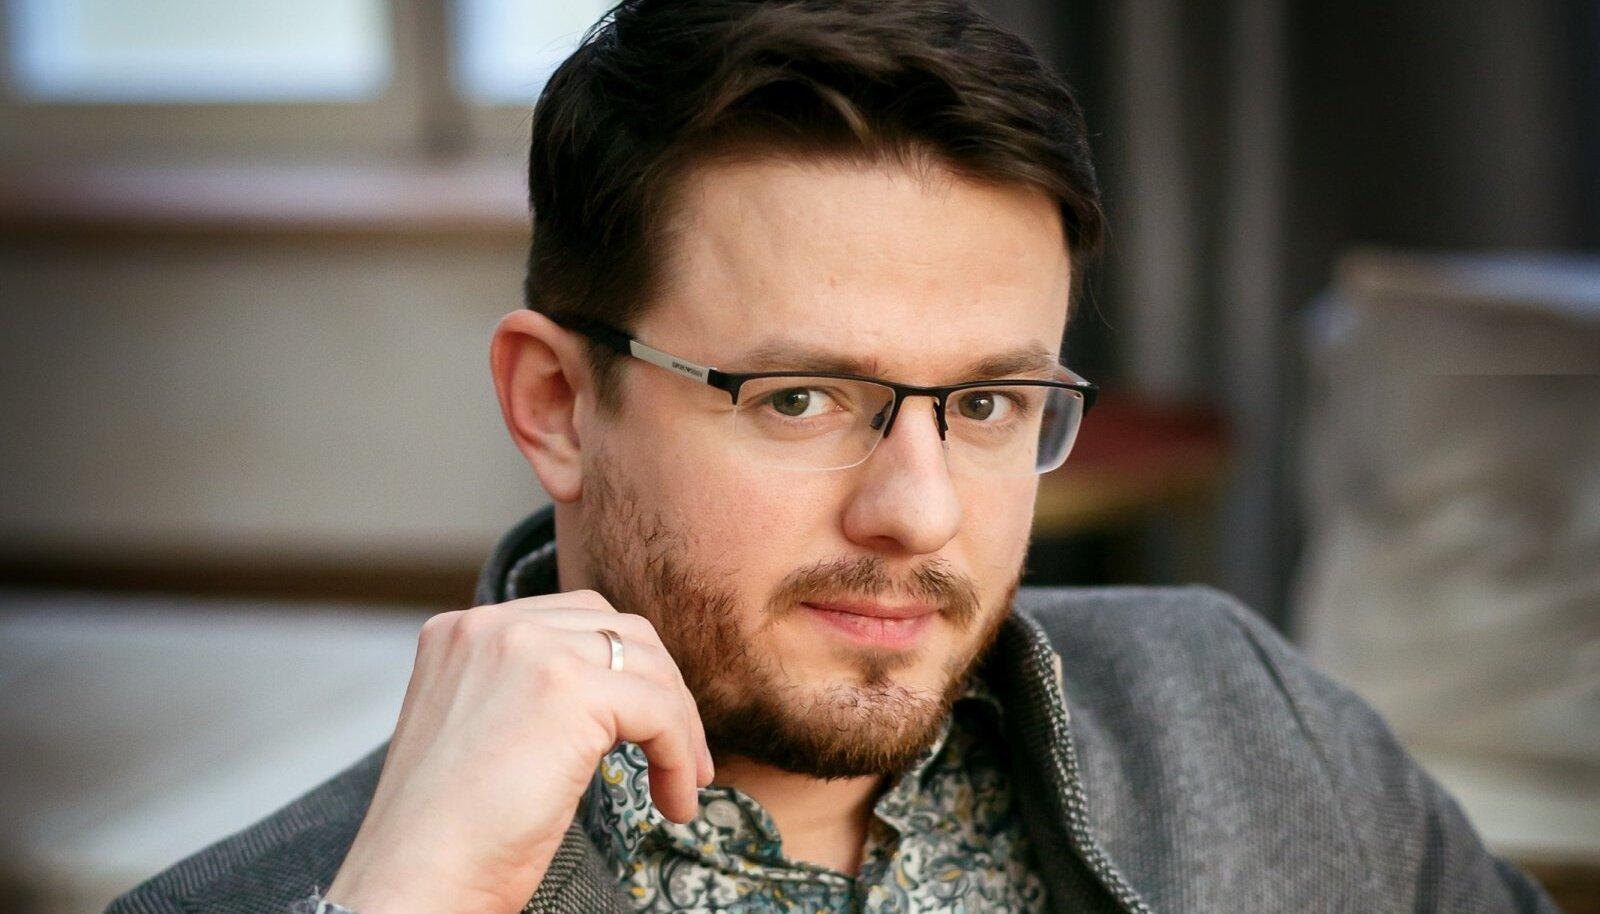 Roman Timofejev